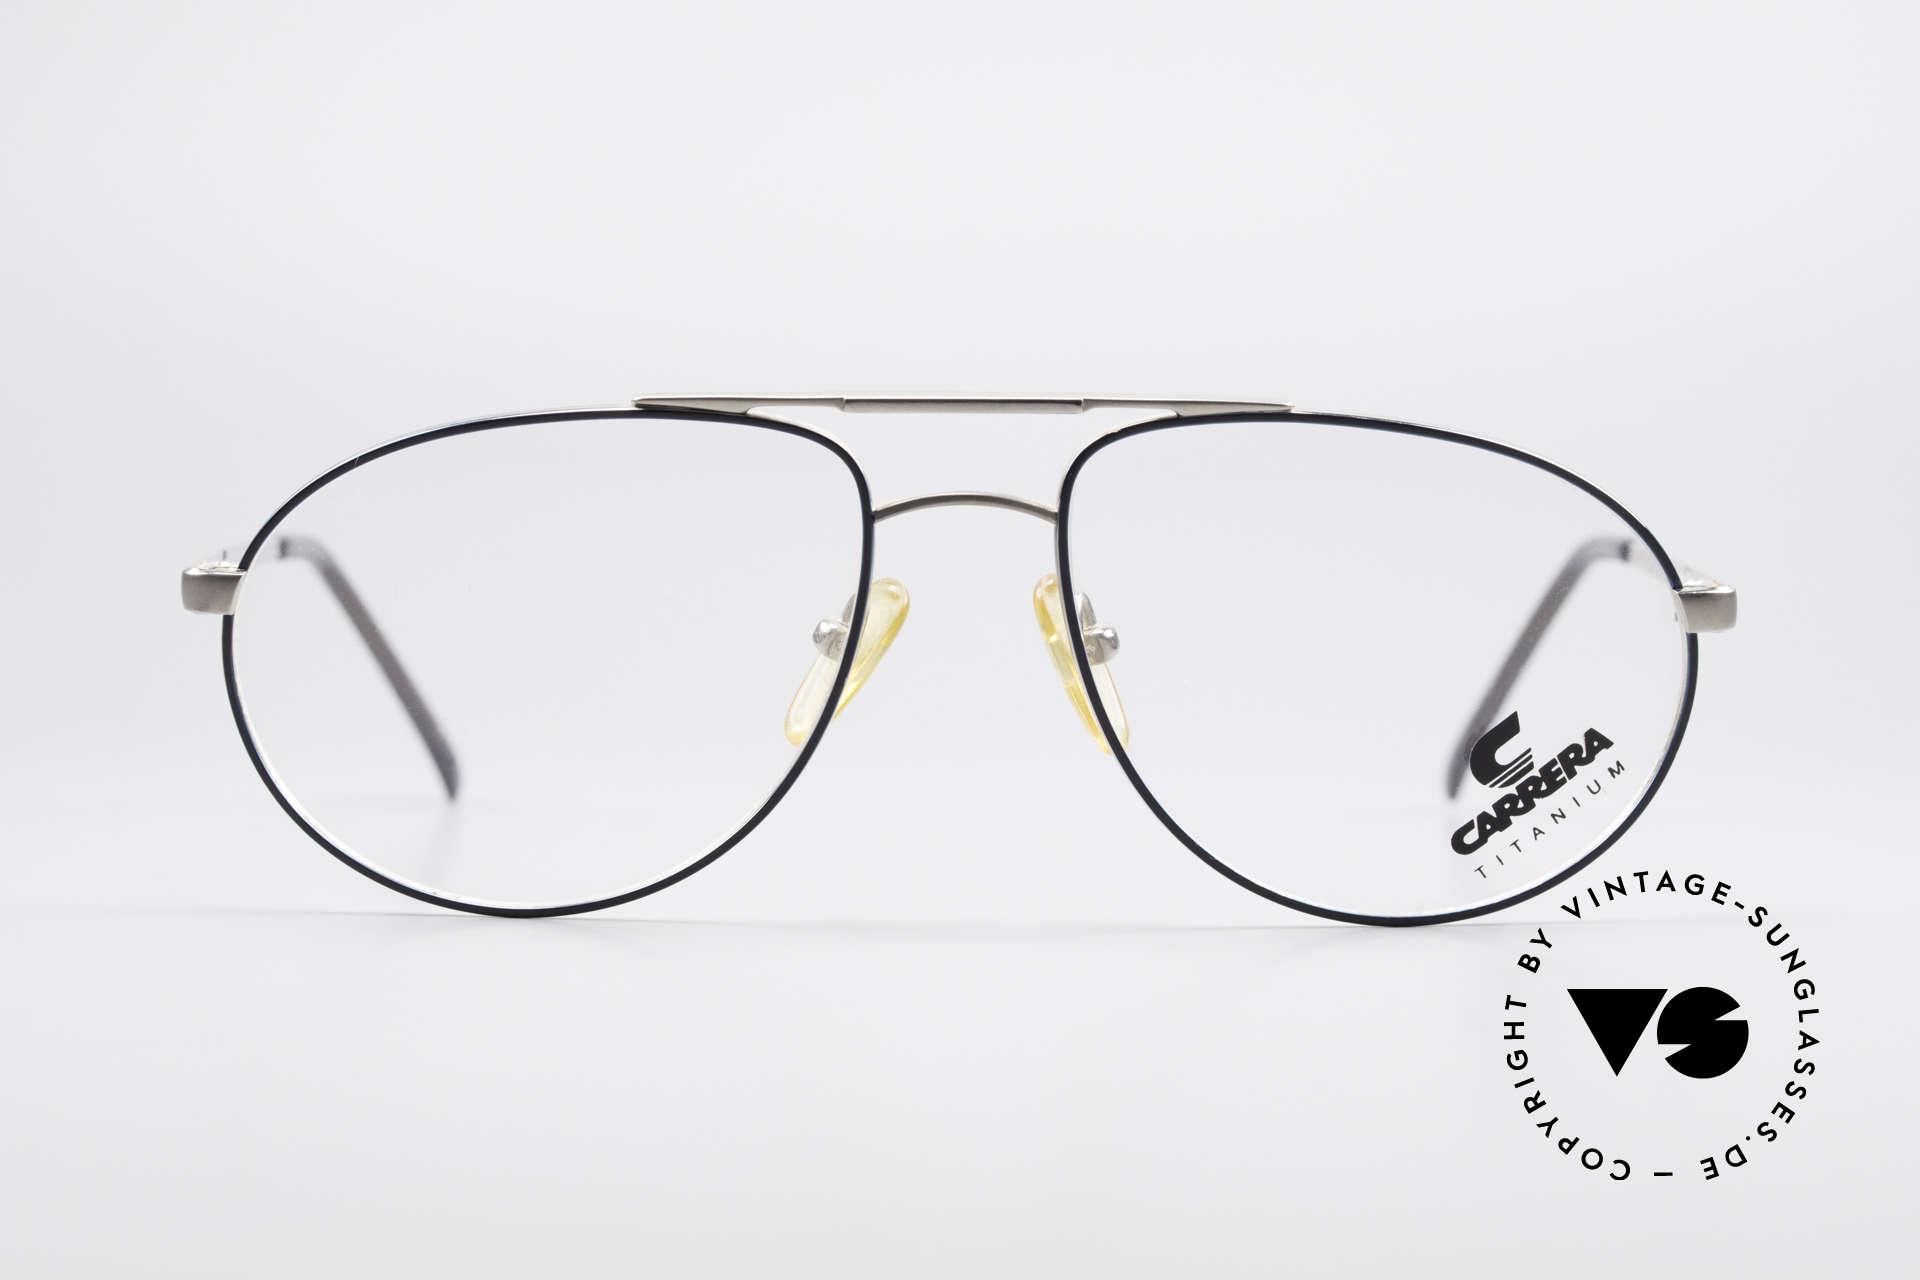 c858840ac415d Glasses Carrera 5798 Titanium Vintage Eyeglasses